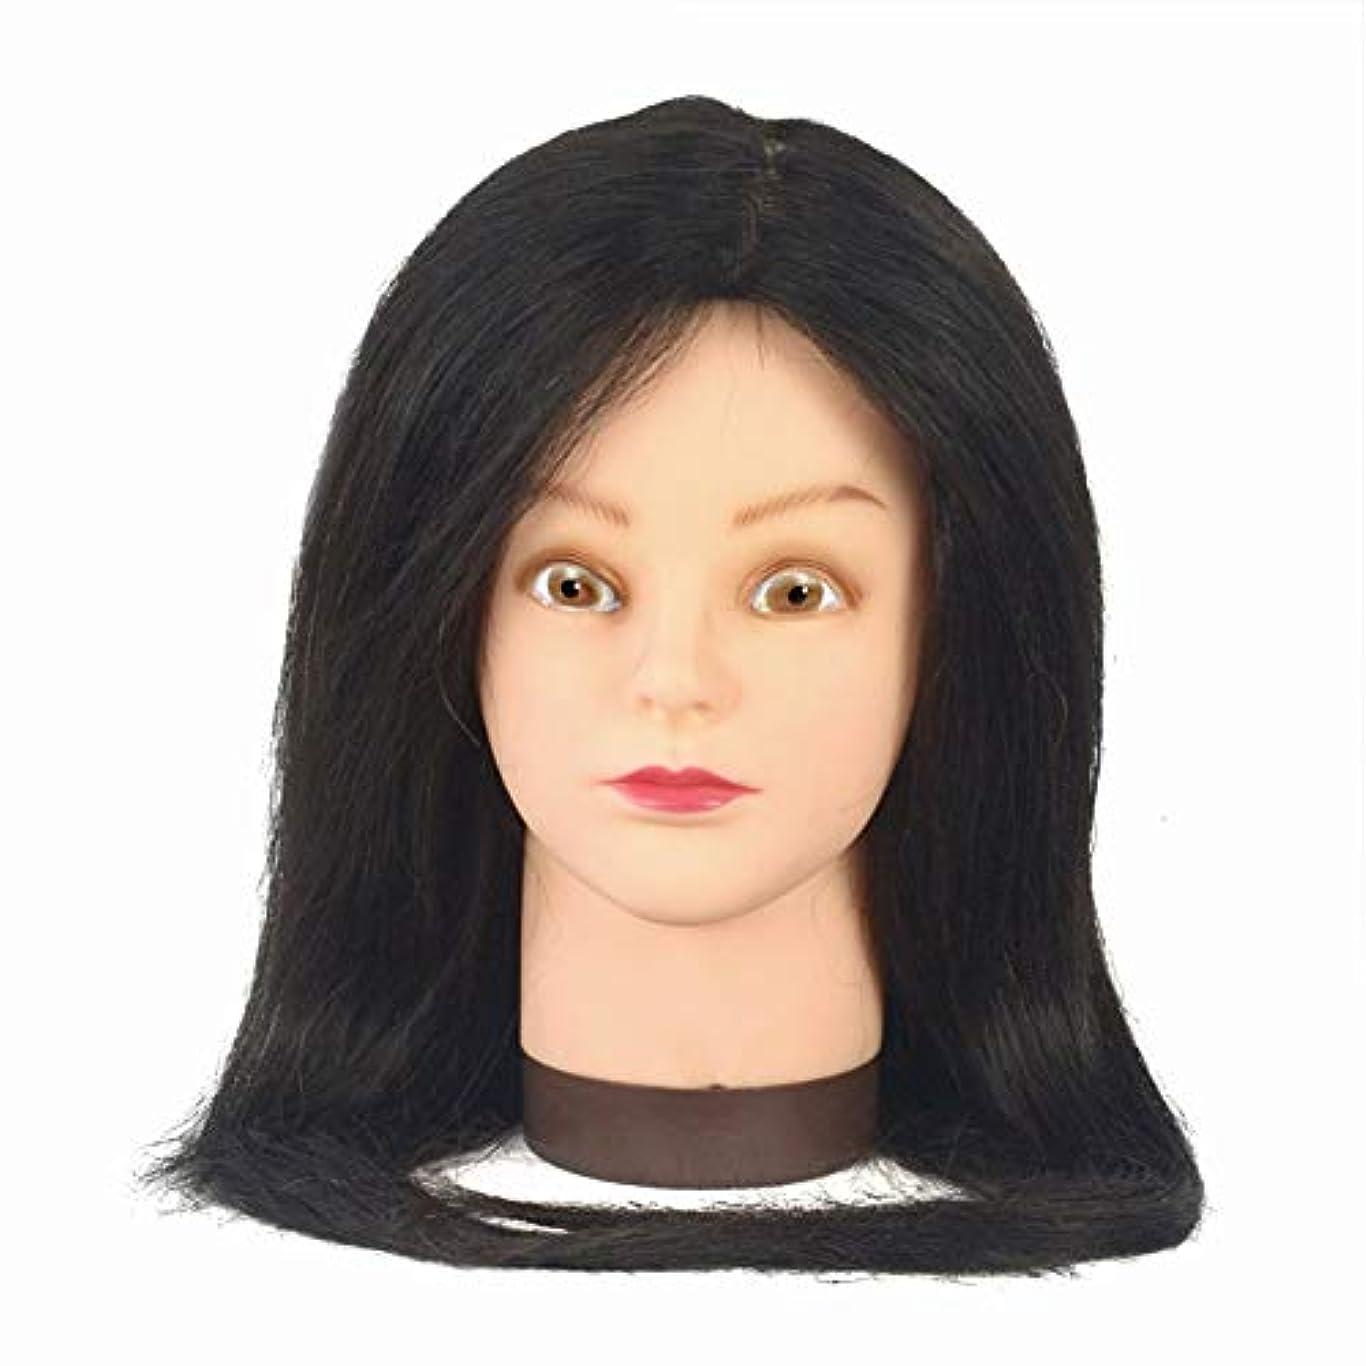 スナップ再生進む80%リアル人間の髪モデルヘッドサロン学習吹くことができますパーマ髪染めダミーヘッド編集ヘア練習ヘッドモデル,Black